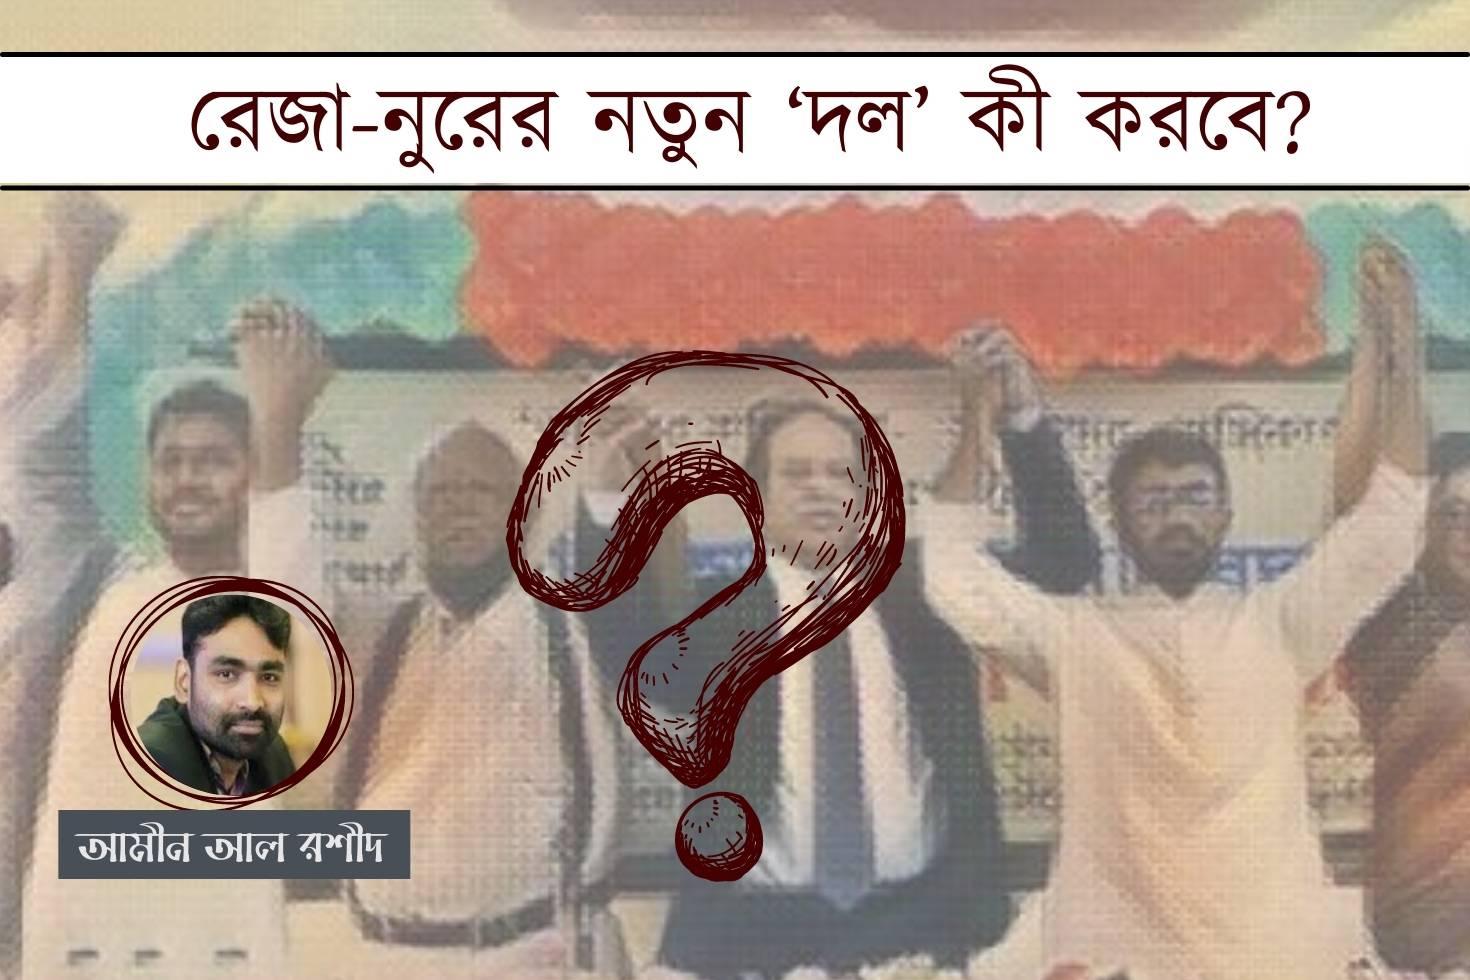 রেজা-নুরের নতুন'দল' কী করবে?